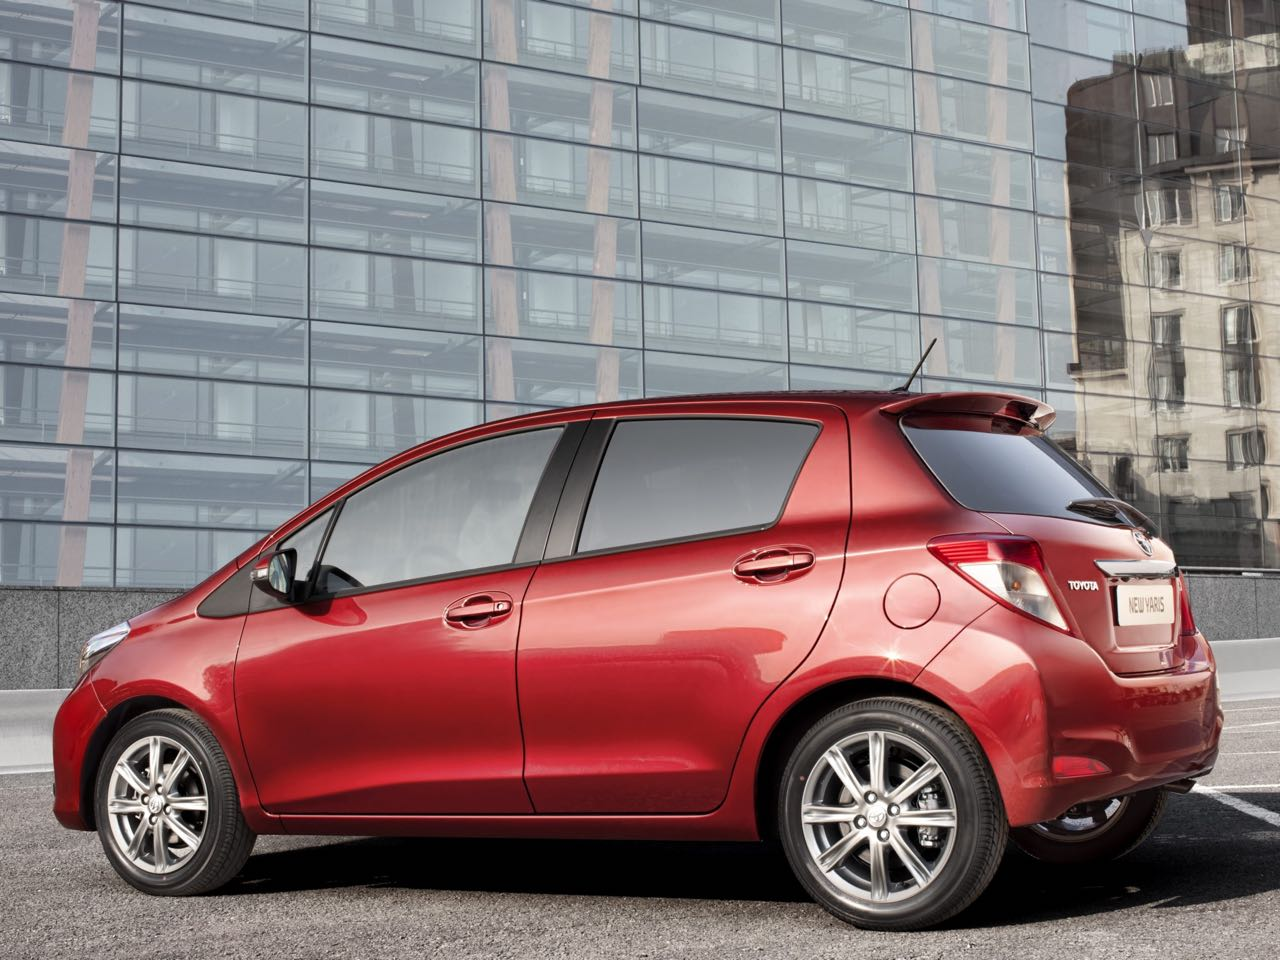 Toyota yaris 2012 precios motores equipamientos - Espejo retrovisor toyota yaris ...